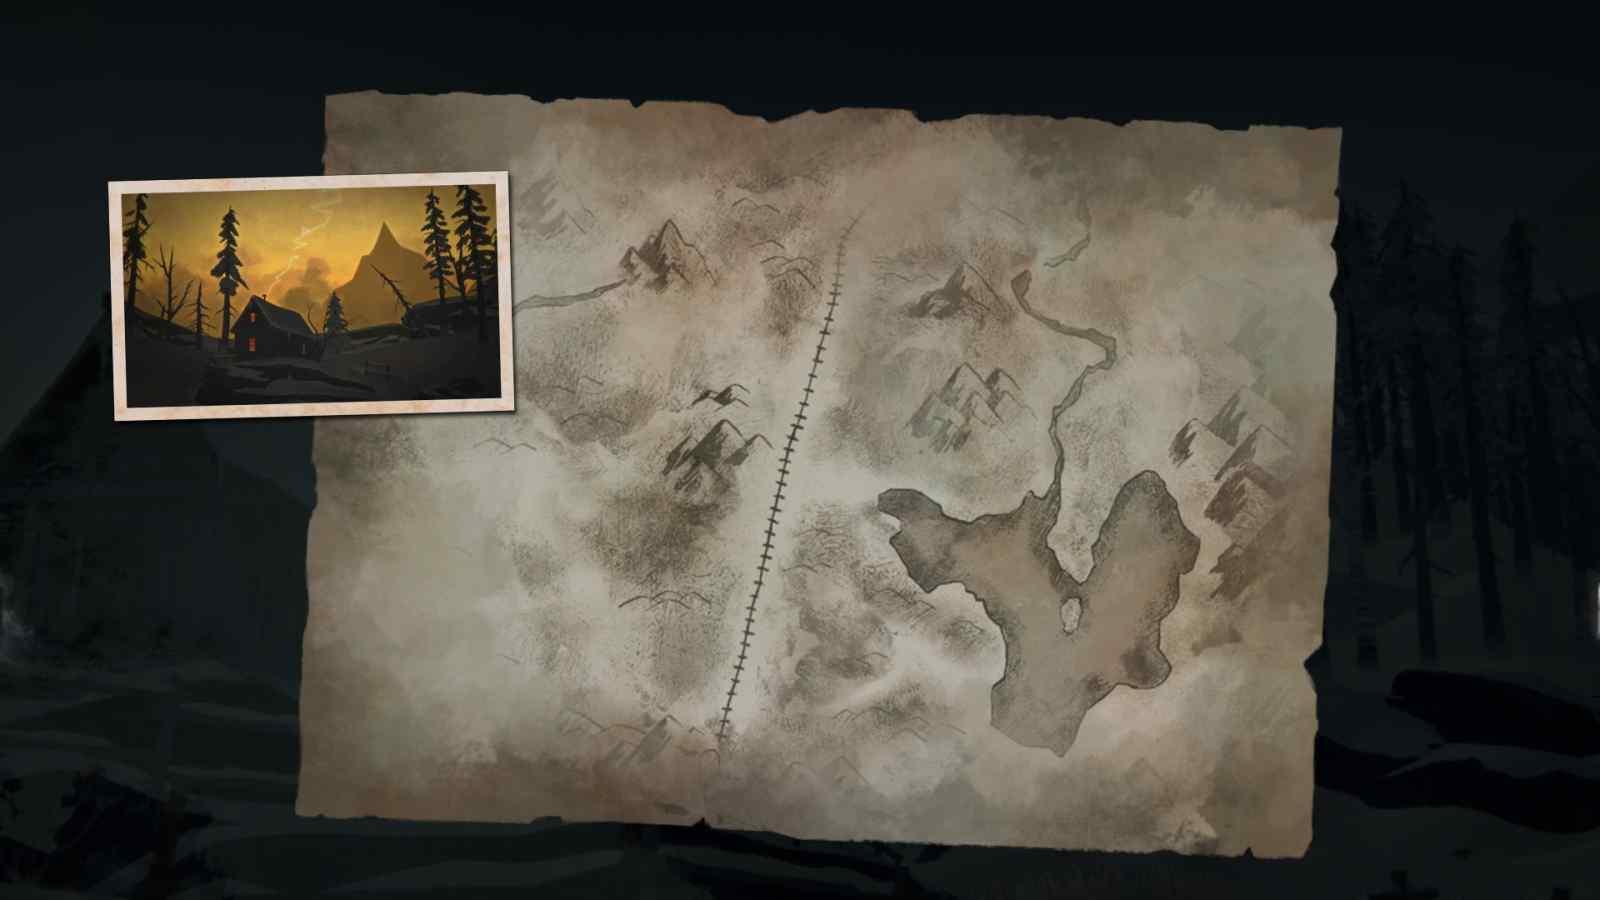 Заставка локации Загадочное озеро в игре The long dark